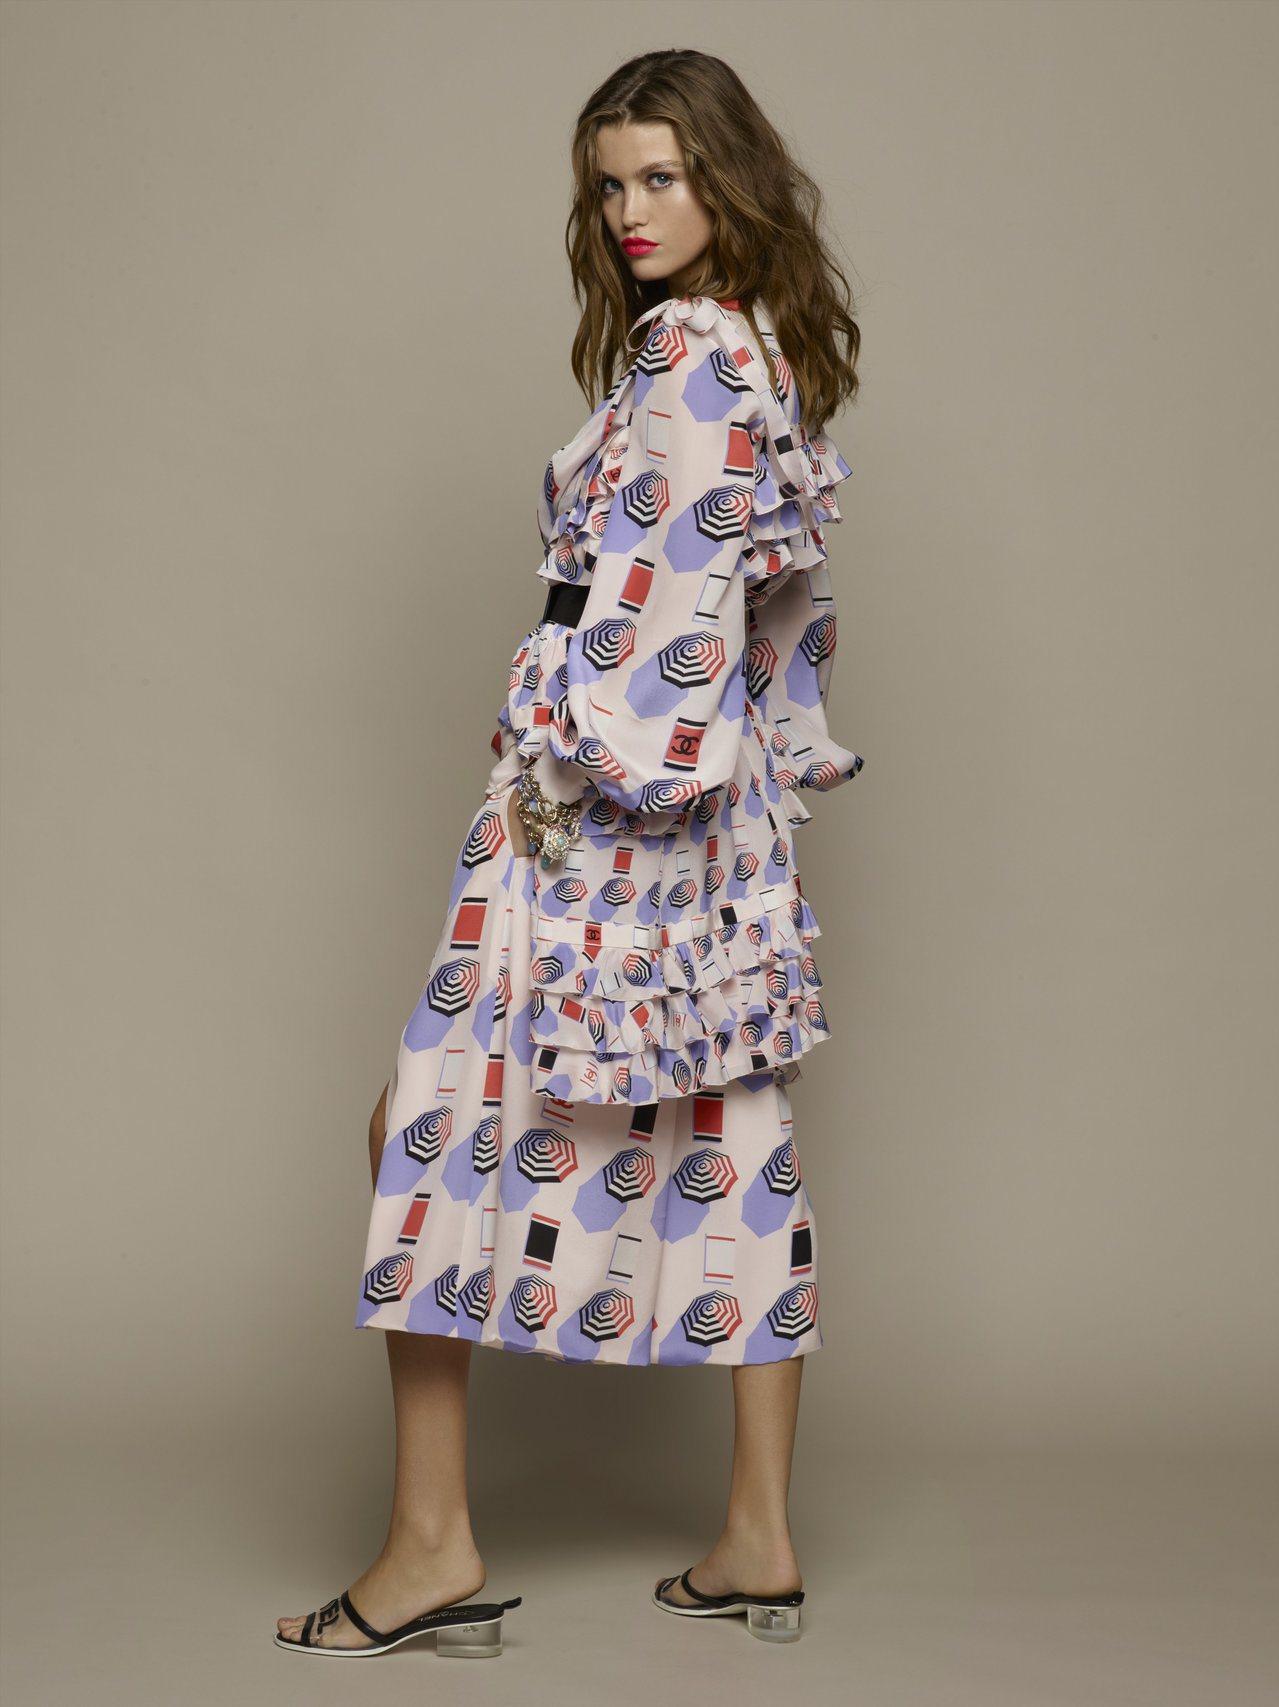 淡紫色遮陽傘印花荷葉邊吊帶裙23萬4,800元,襯衫13萬4,100元,開衩寬褲...